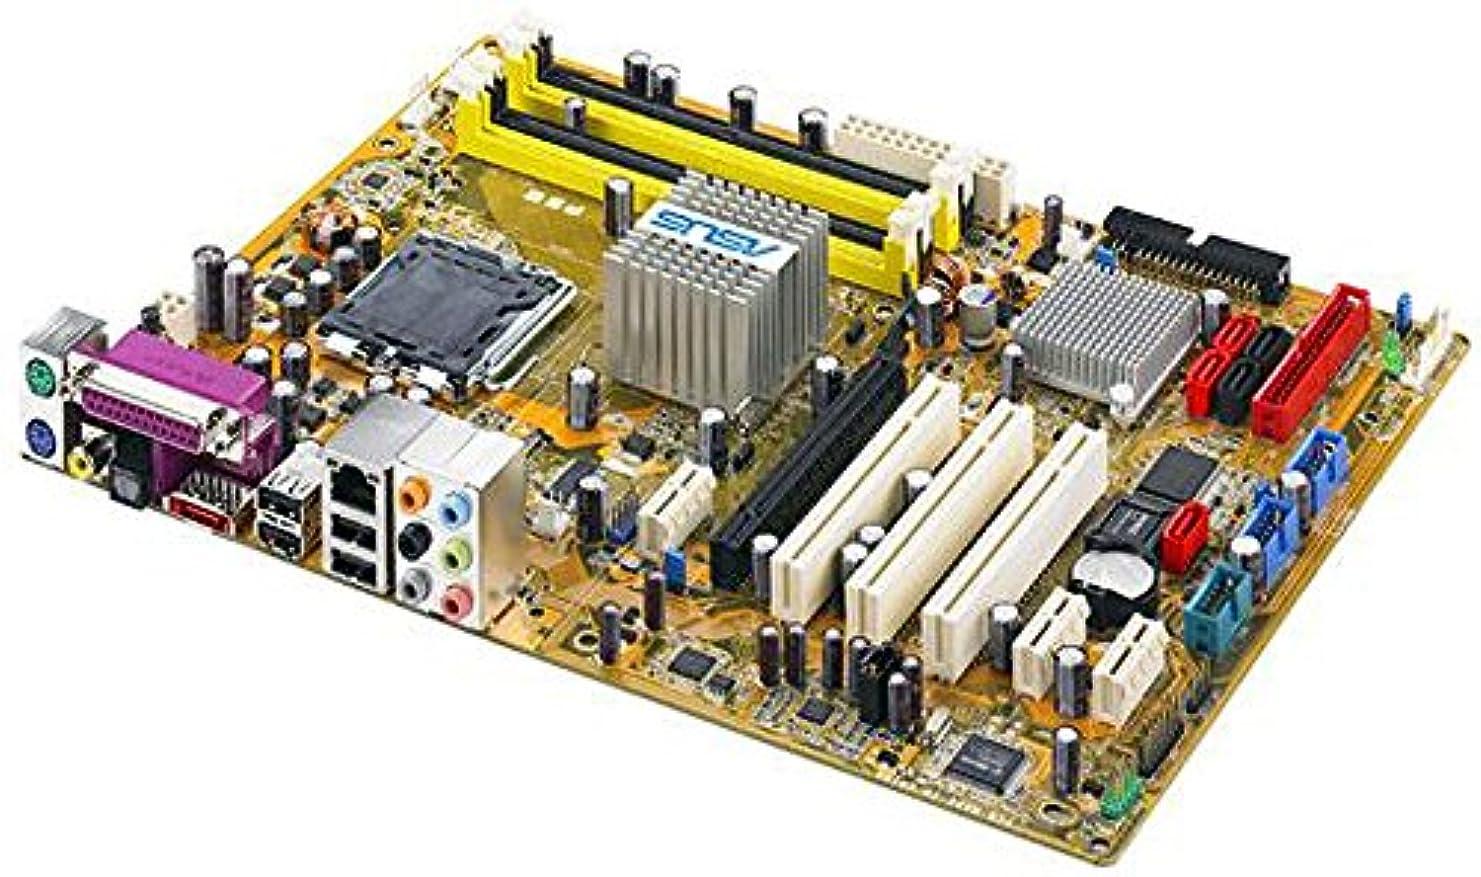 ゲーム傷跡ゴミ箱ASUSTek マザーボード LGA775対応 P5B P5B